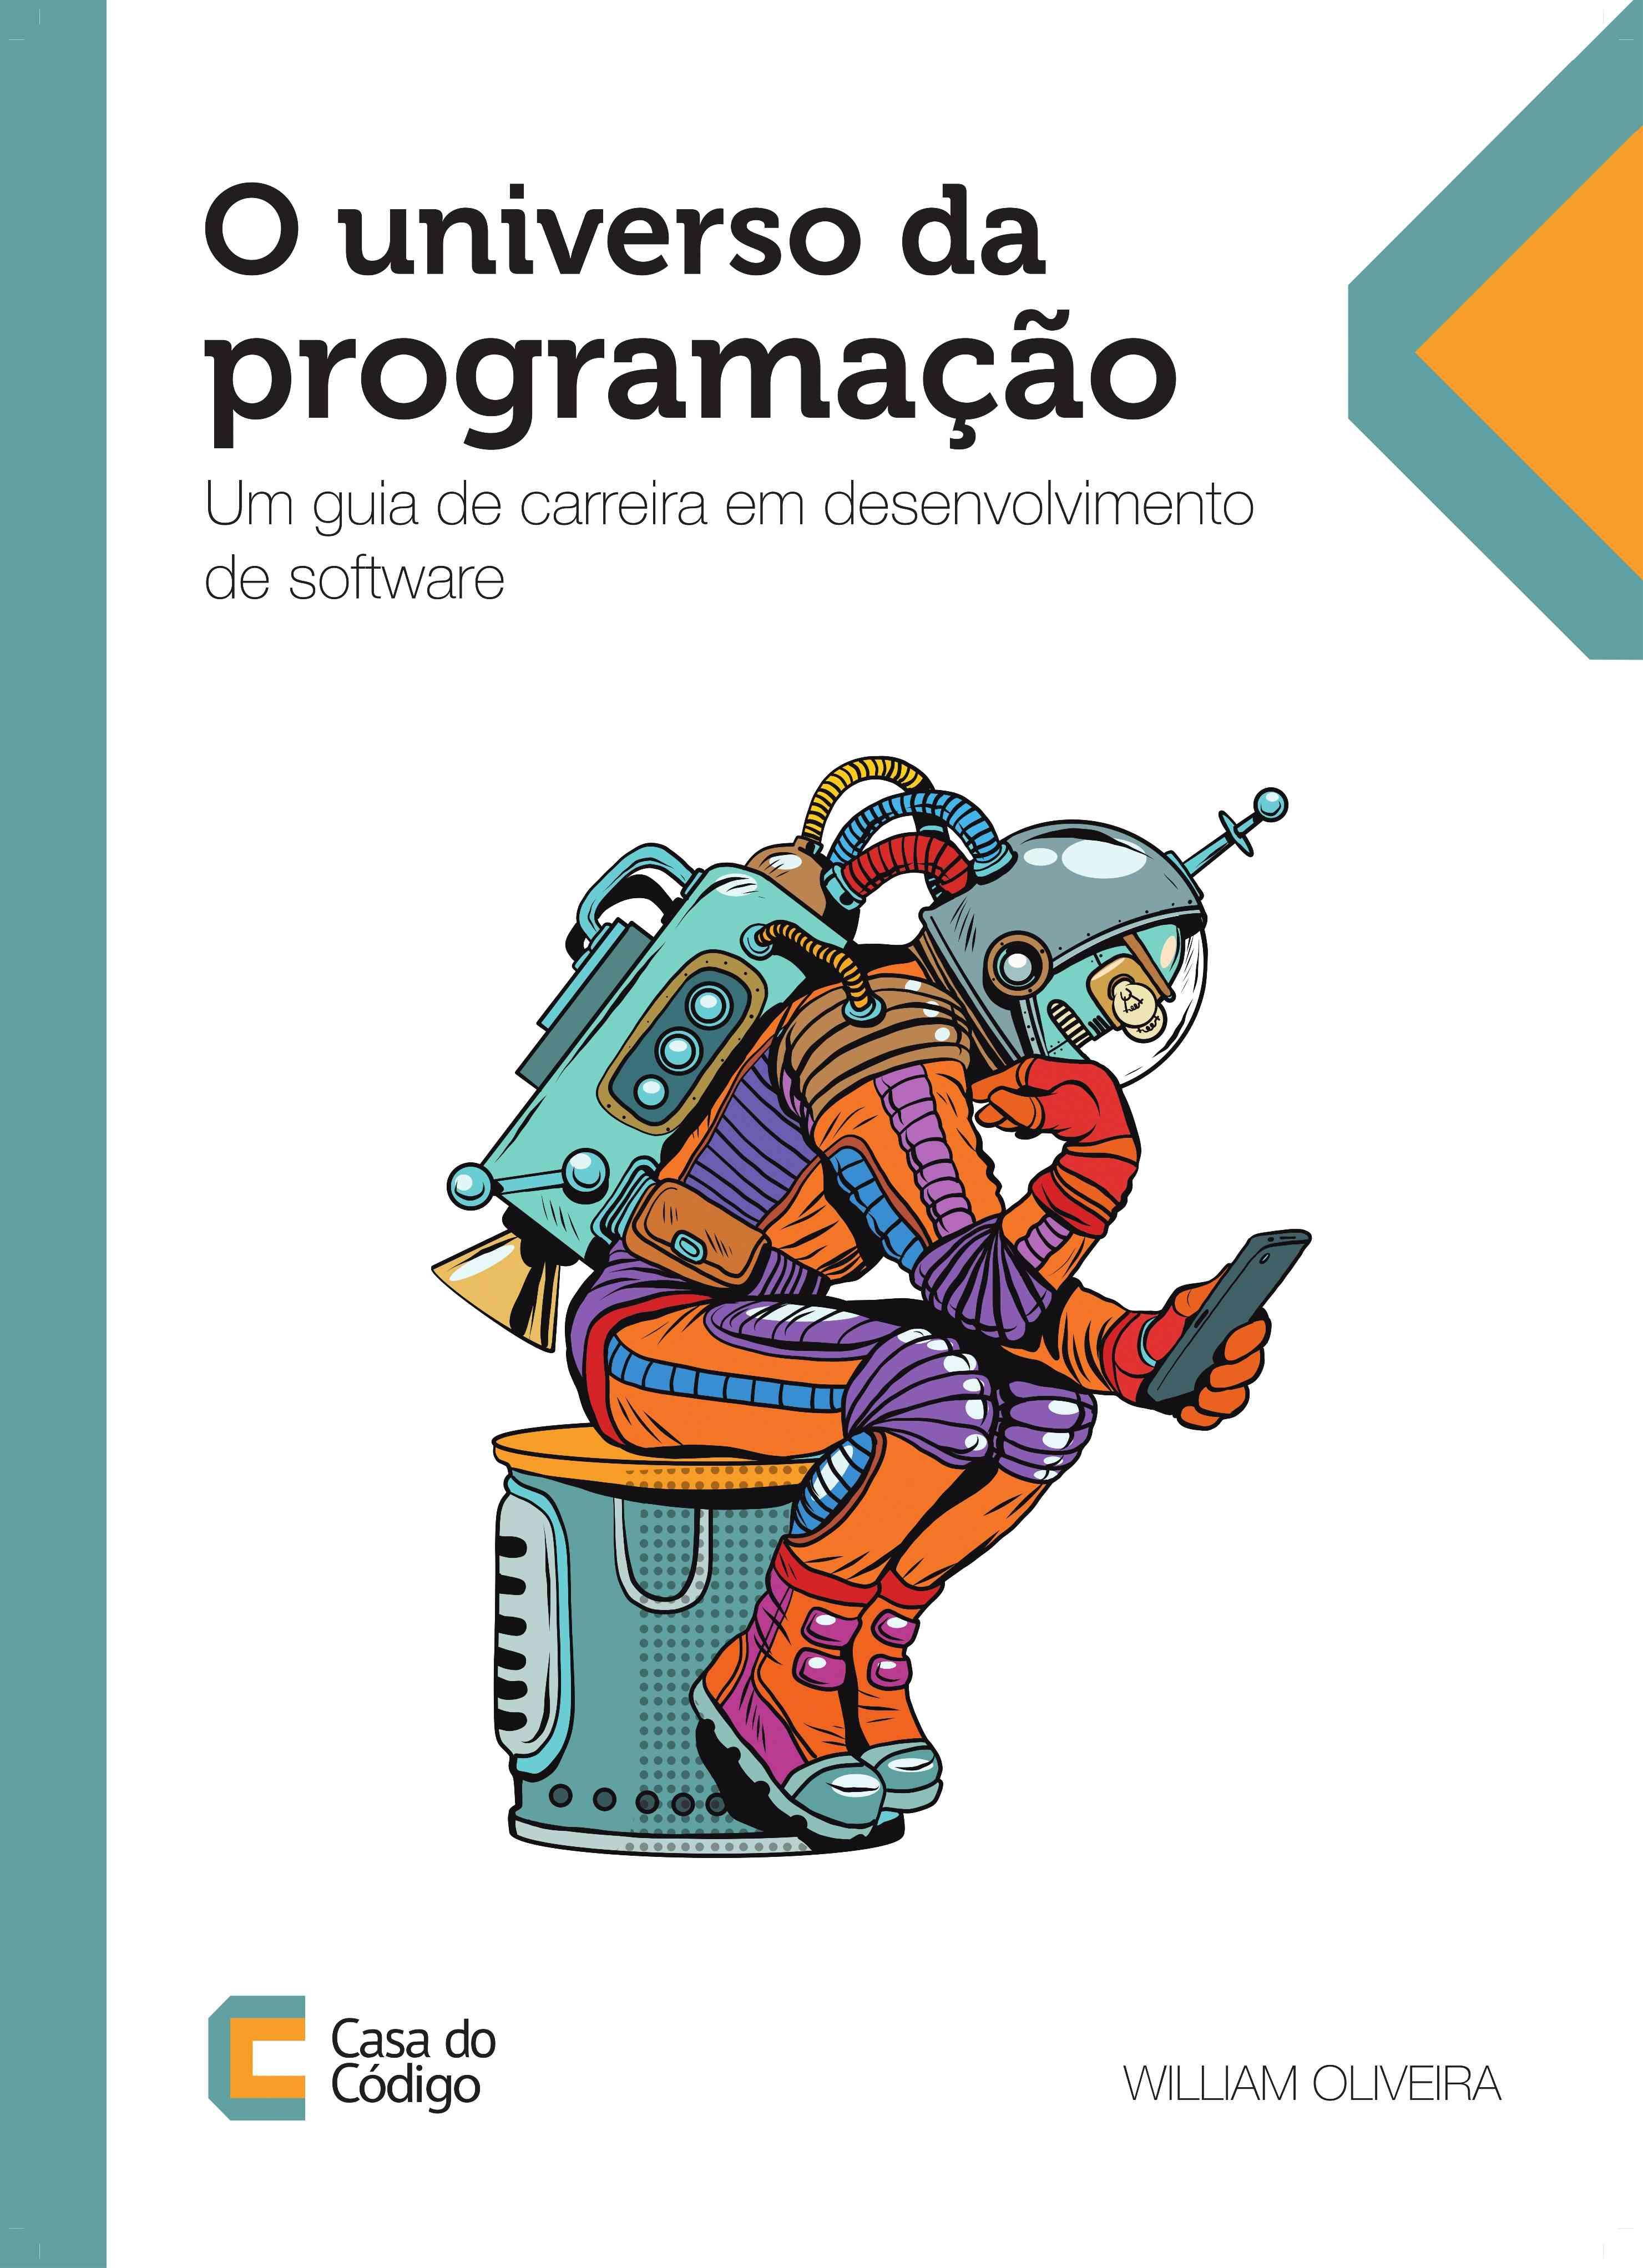 Imagem da capa do livro O universo da programação